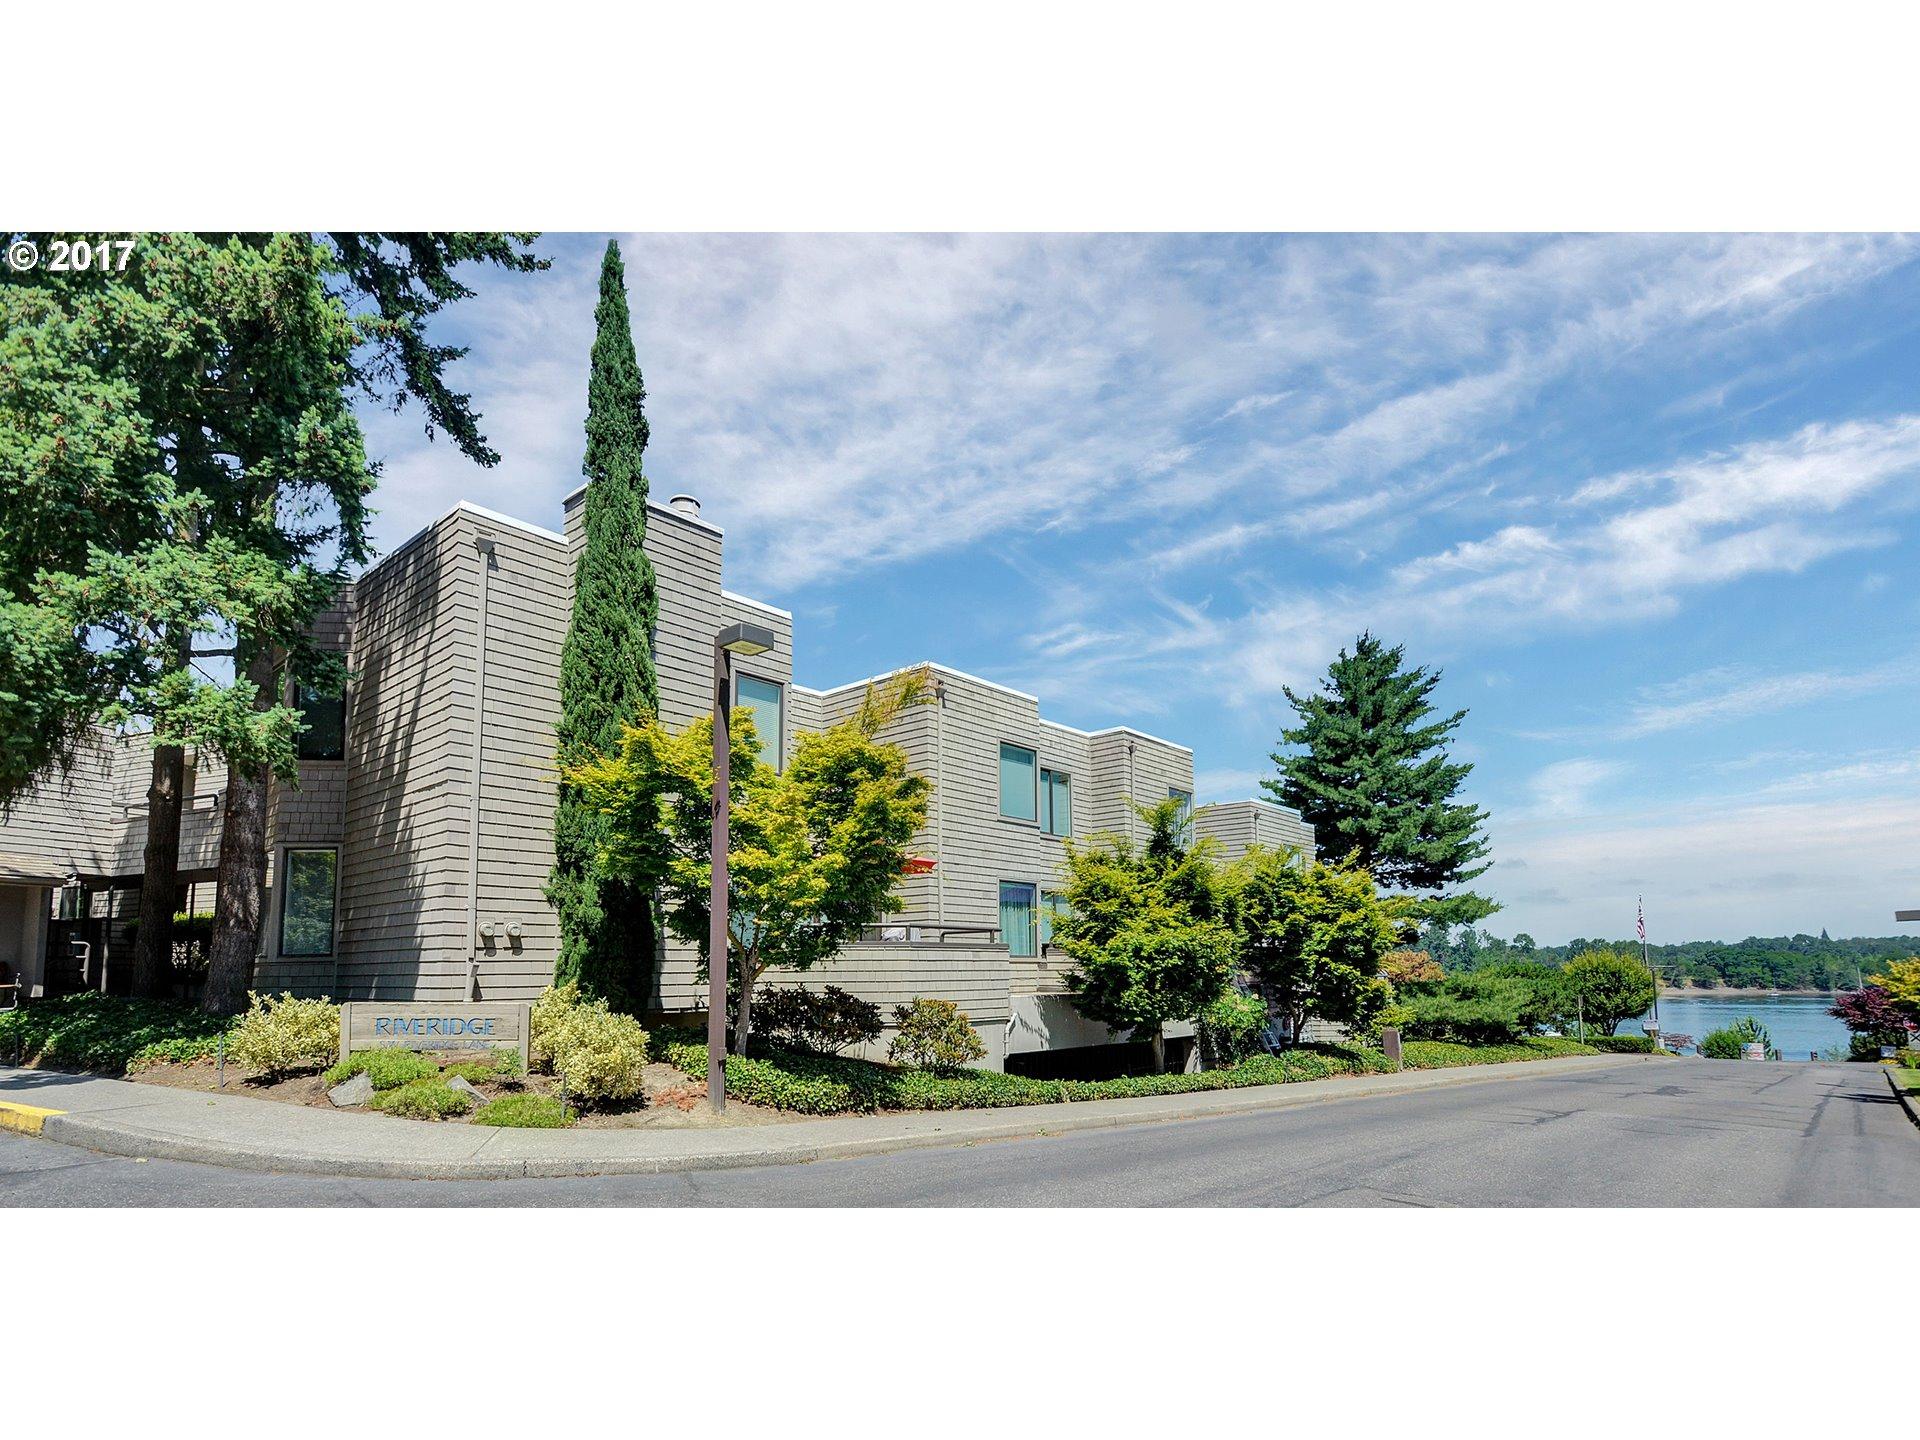 5858 SW RIVERIDGE LN 11, Portland, OR 97239